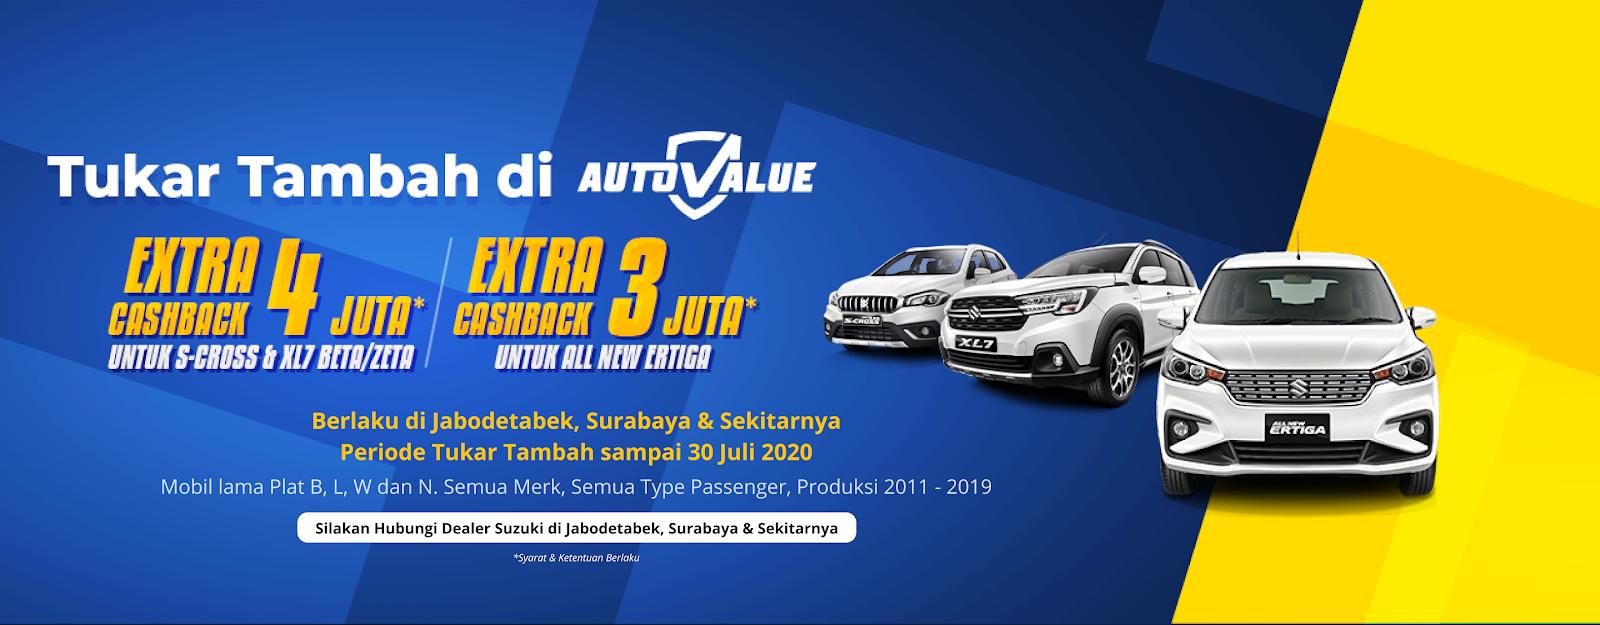 Layanan Sales, Service, Sparepart Suzuki